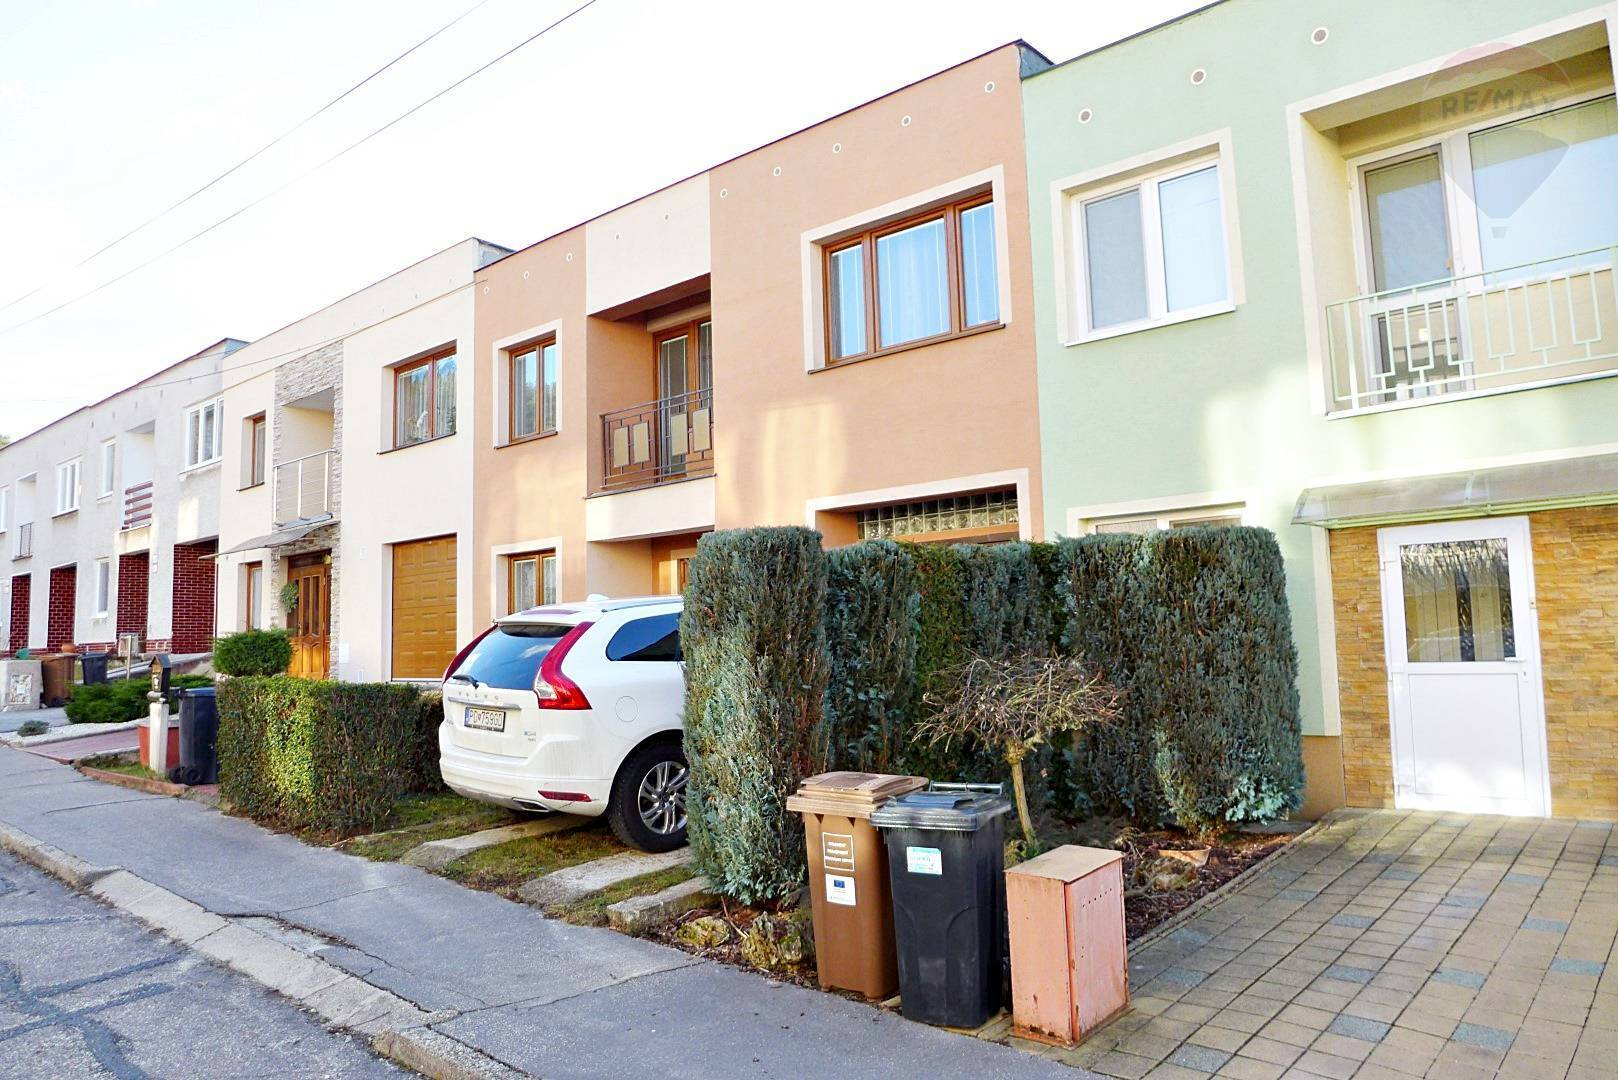 Rodinný dom 5 izbový, radová zástavba, parc. 271 m2, ul. Narcisová - lokalita Kopaničky - PRIEVIDZA